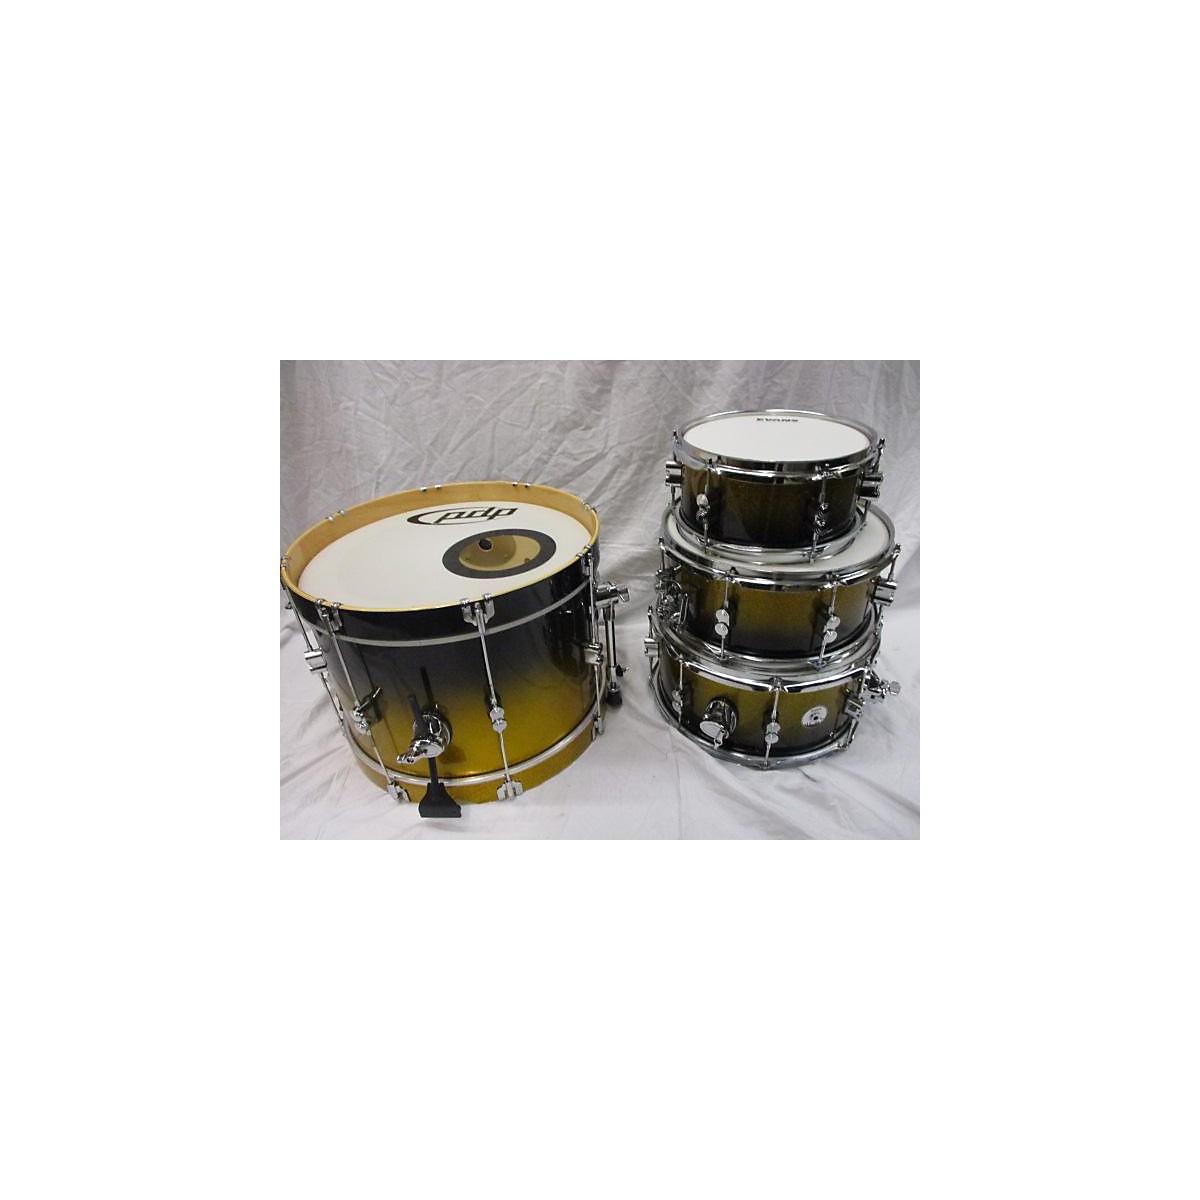 PDP by DW 2018 DARU JONES NEW YORKER Drum Kit